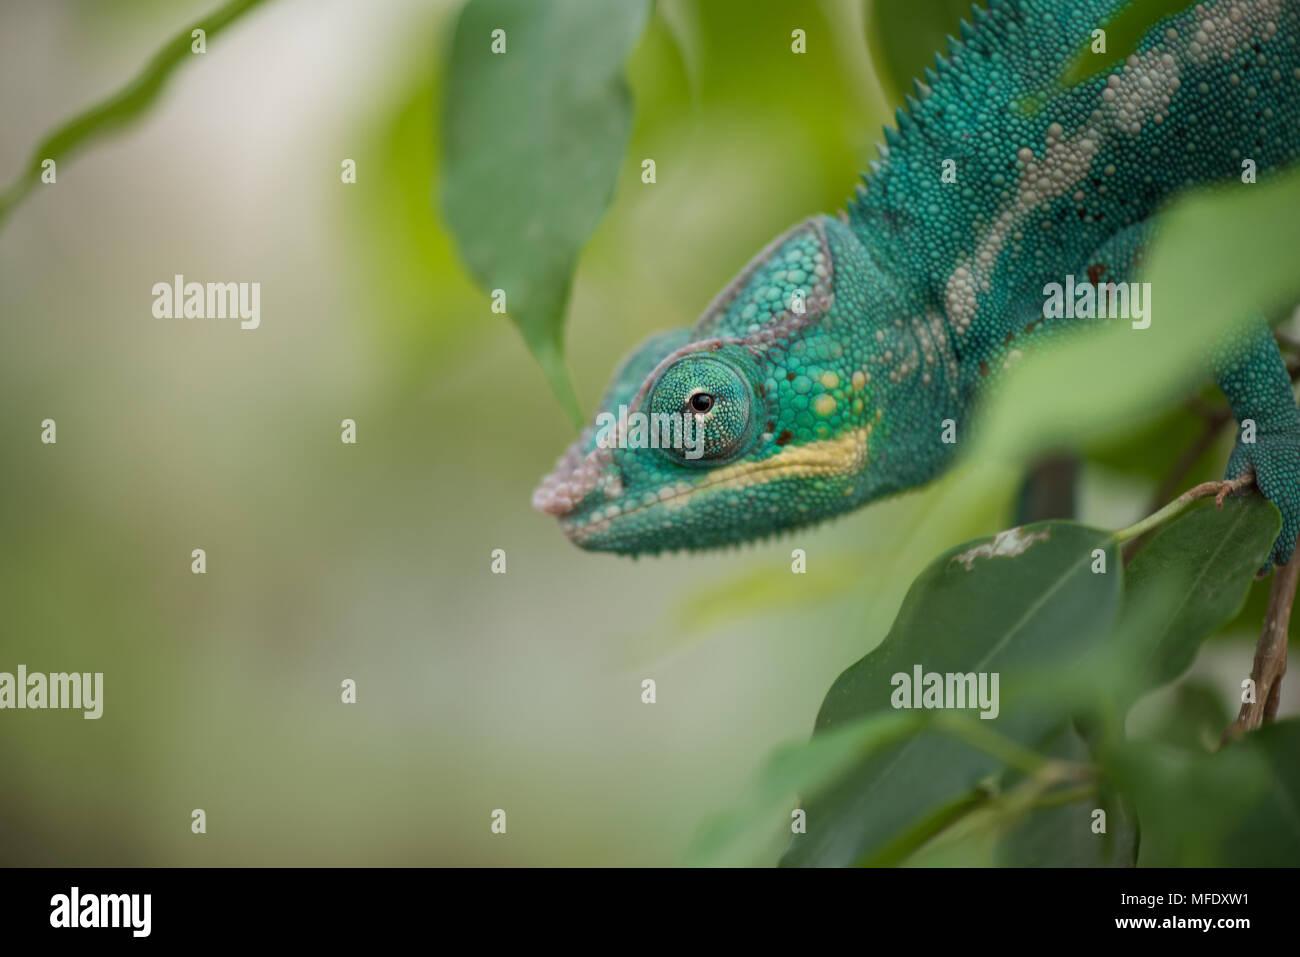 Camaleón pantera con brillantes colores / Furcifer pardalis / / Vida silvestre de Madagascar Nosy Be / chameleon en hojas / azul chameleon Imagen De Stock